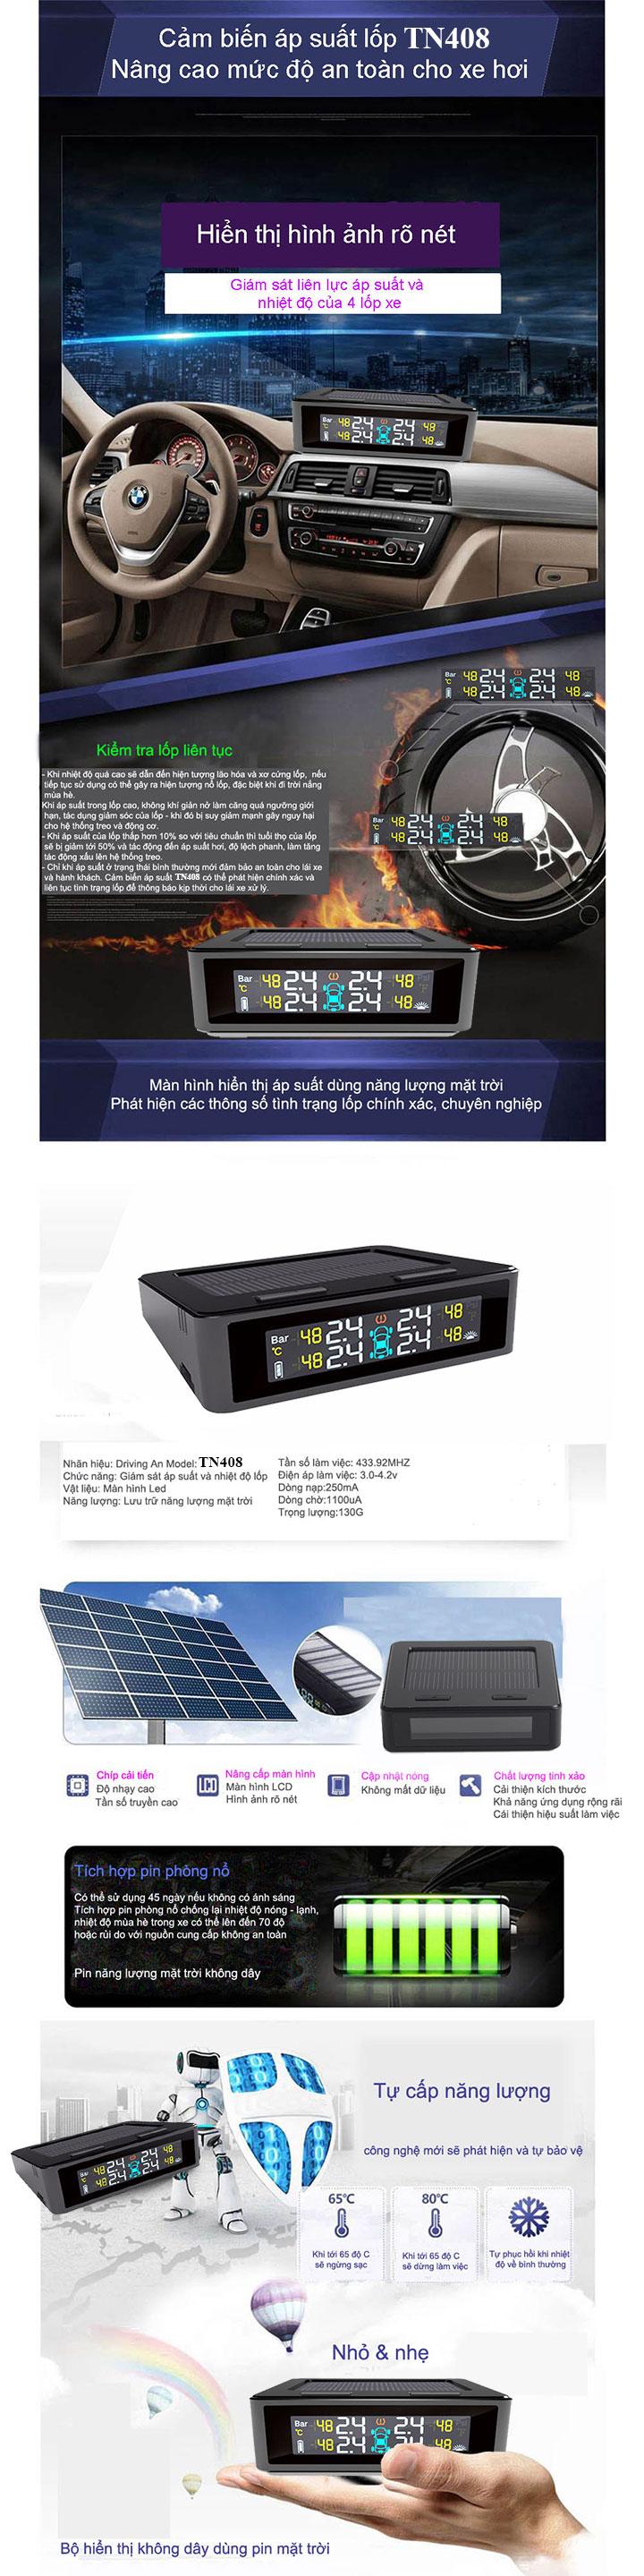 Thông tin sản phẩm cảm biến áp suất lốp TN408